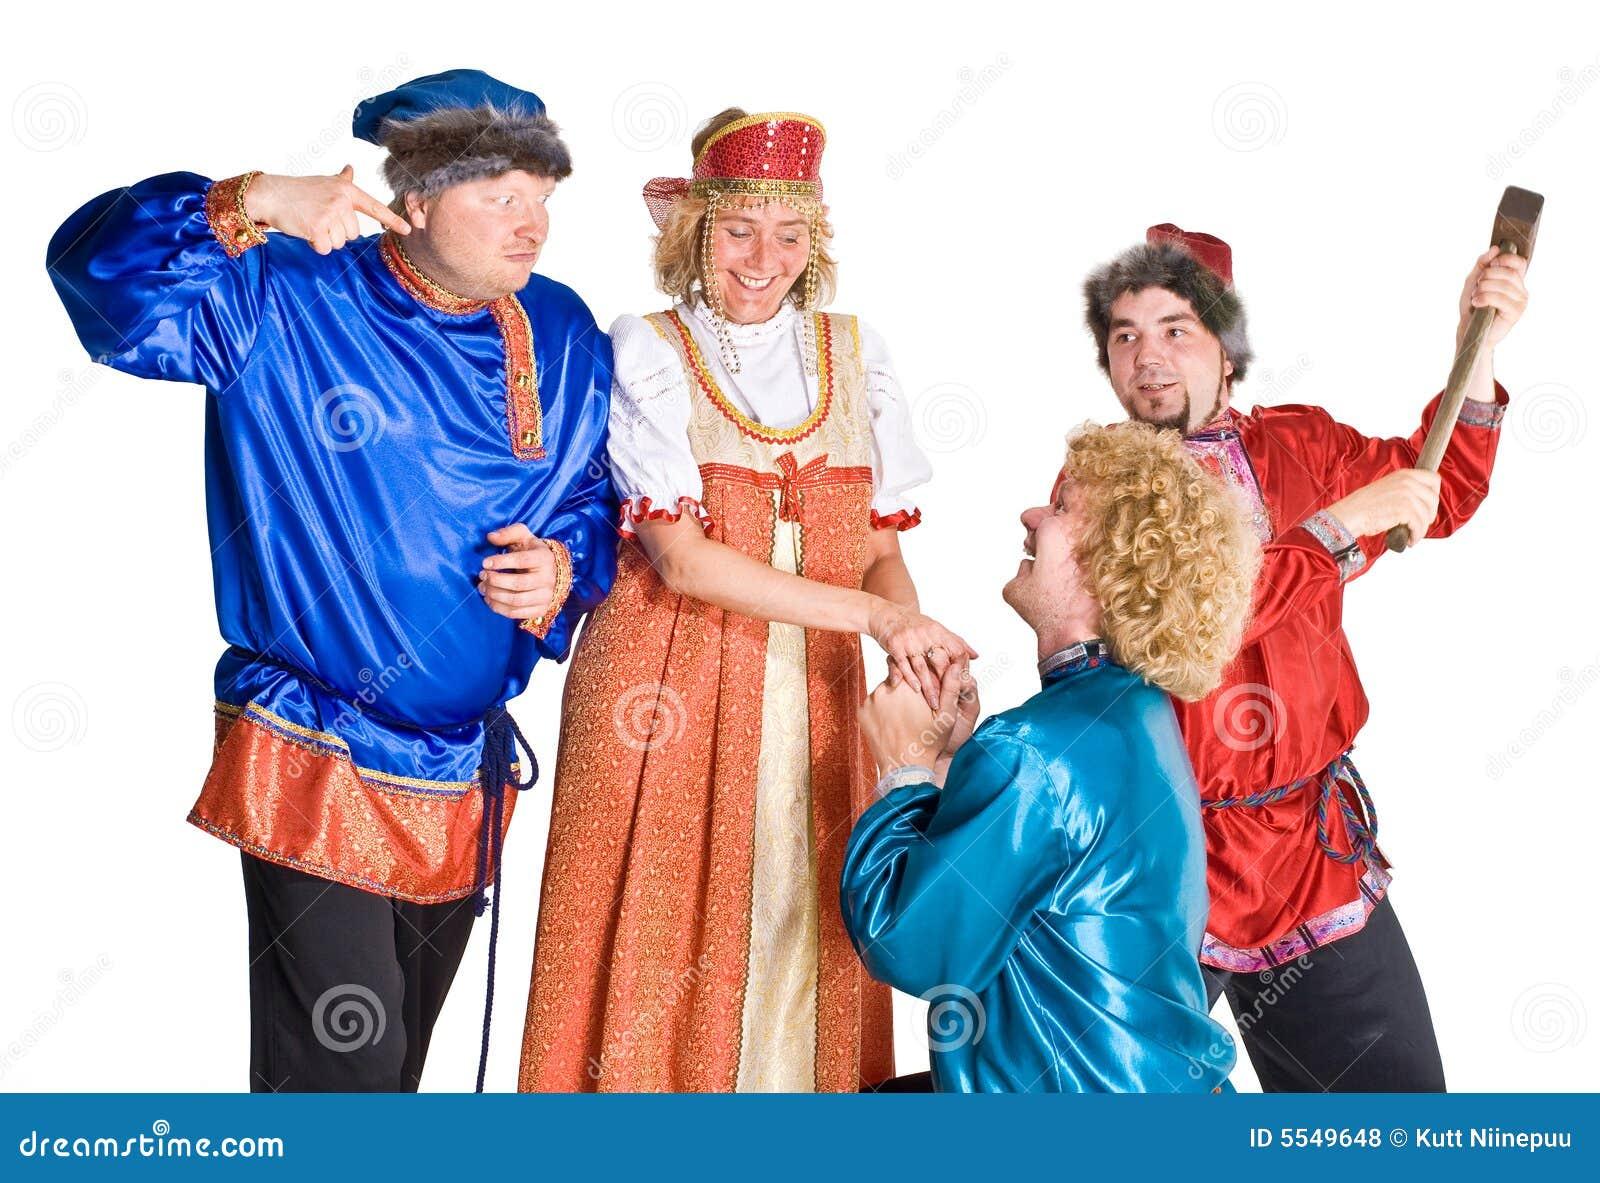 Costumes актеров